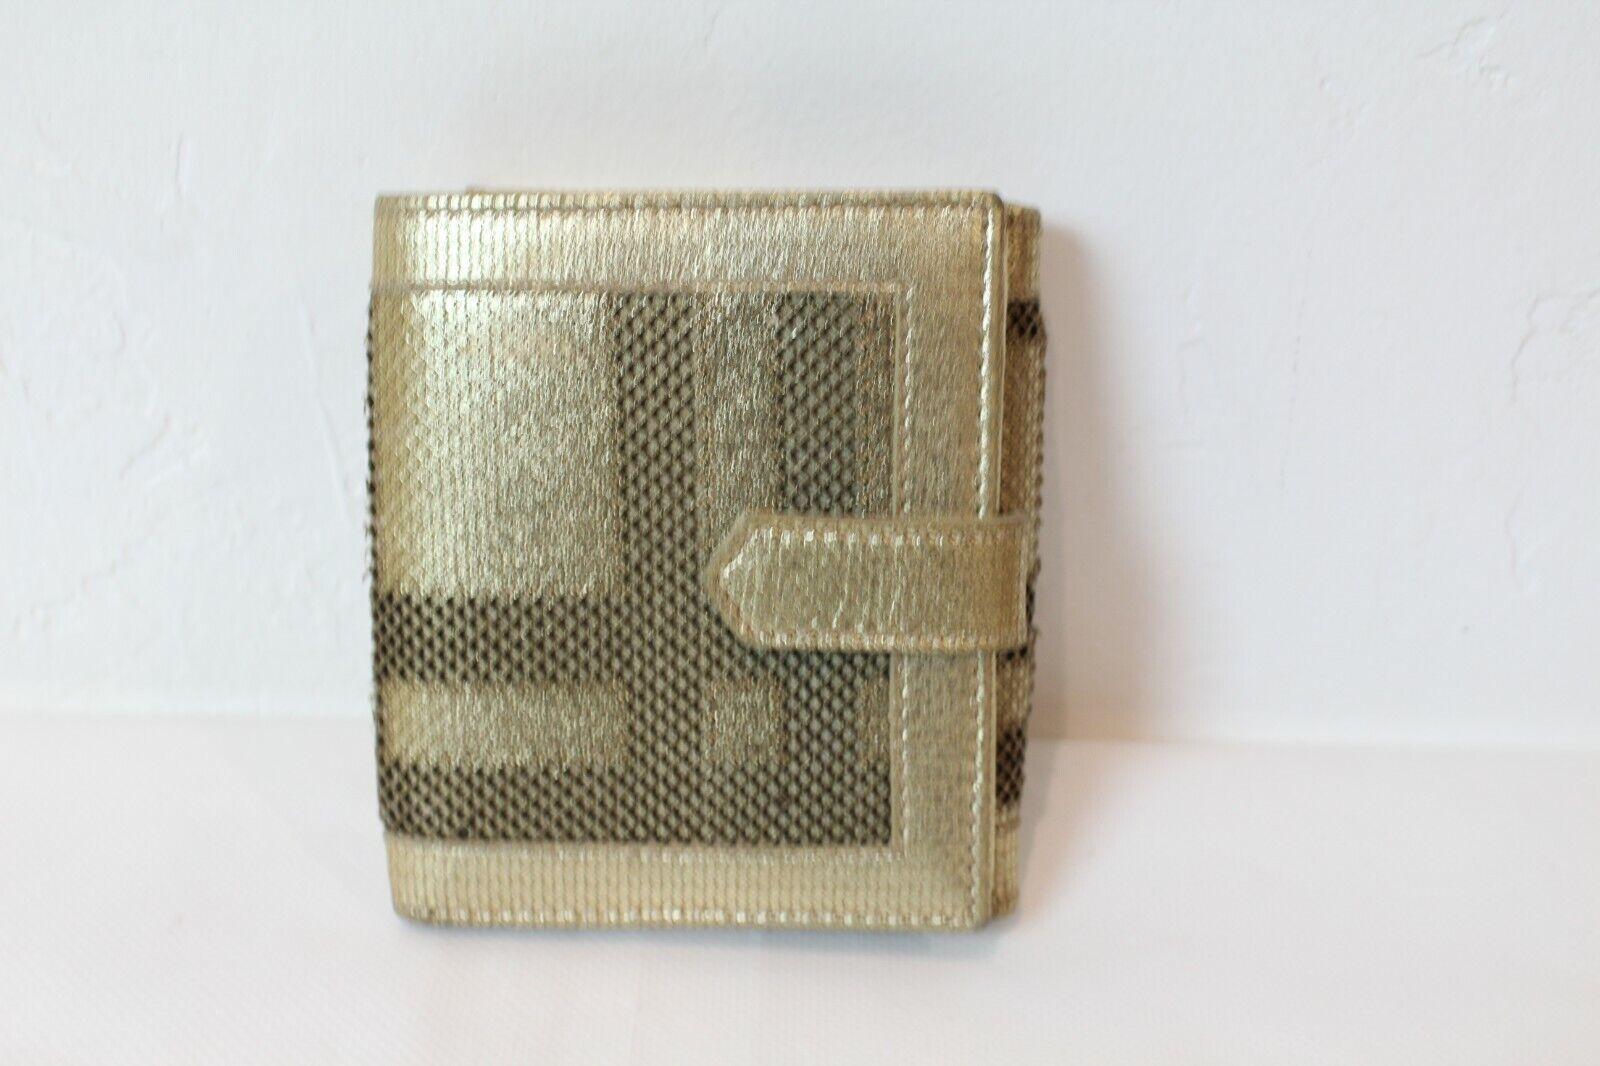 Authentic Burberry Compact Wallet Nova Check Plaid Women